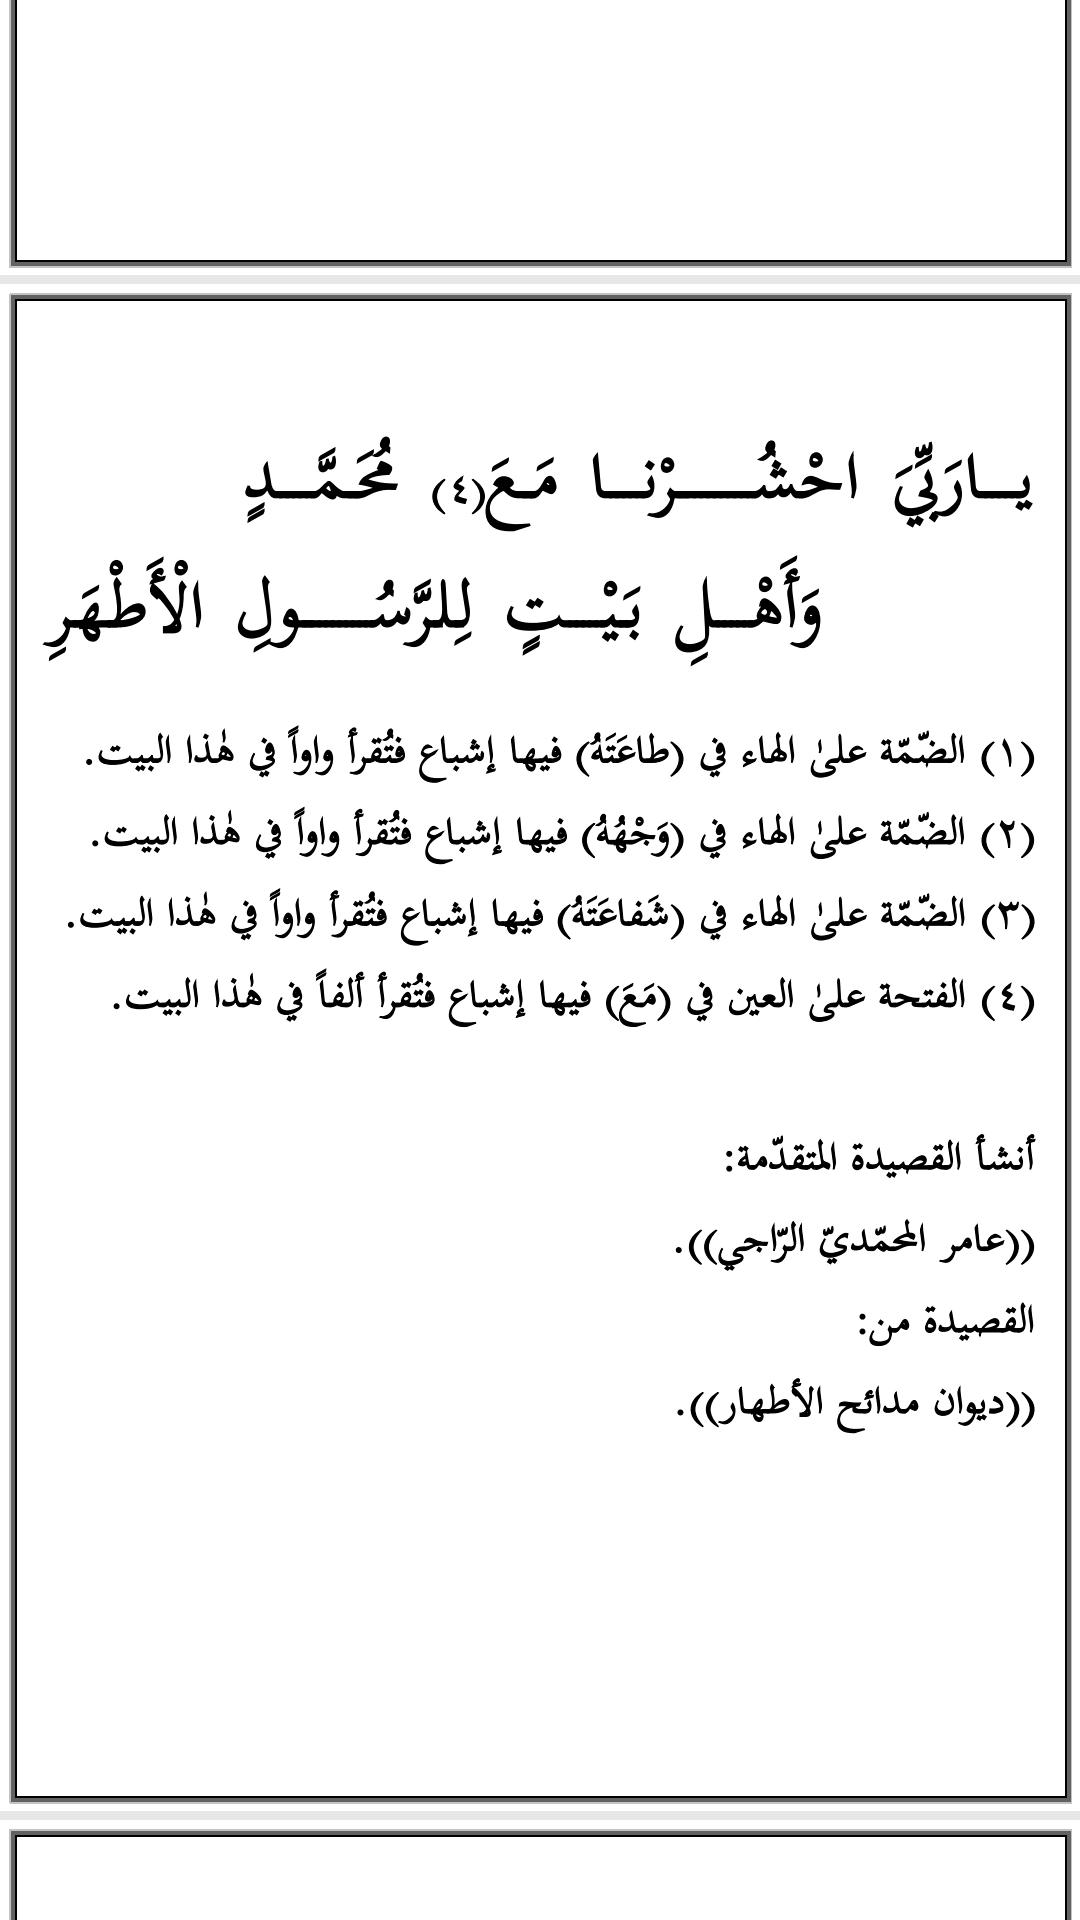 Screenshot_٢٠١٩-٠٣-١١-٠١-١٧-٥٩-٨١٩_cn.wps.moffice_eng